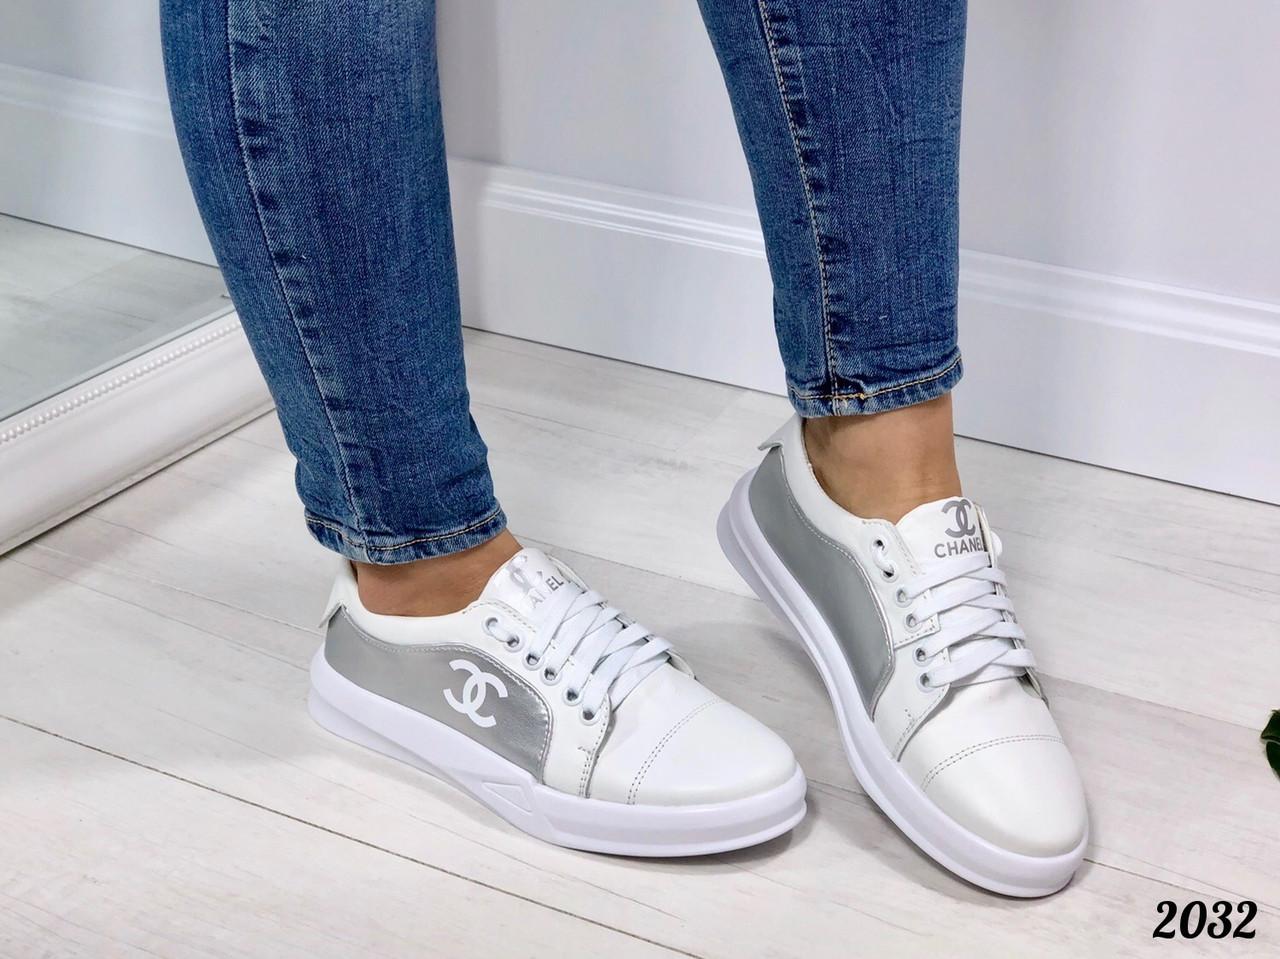 32c2f8b9 Кроссовки Chanel белые с серебром. Натуральная кожа. Аналог - Интернет-магазин  обуви TINA